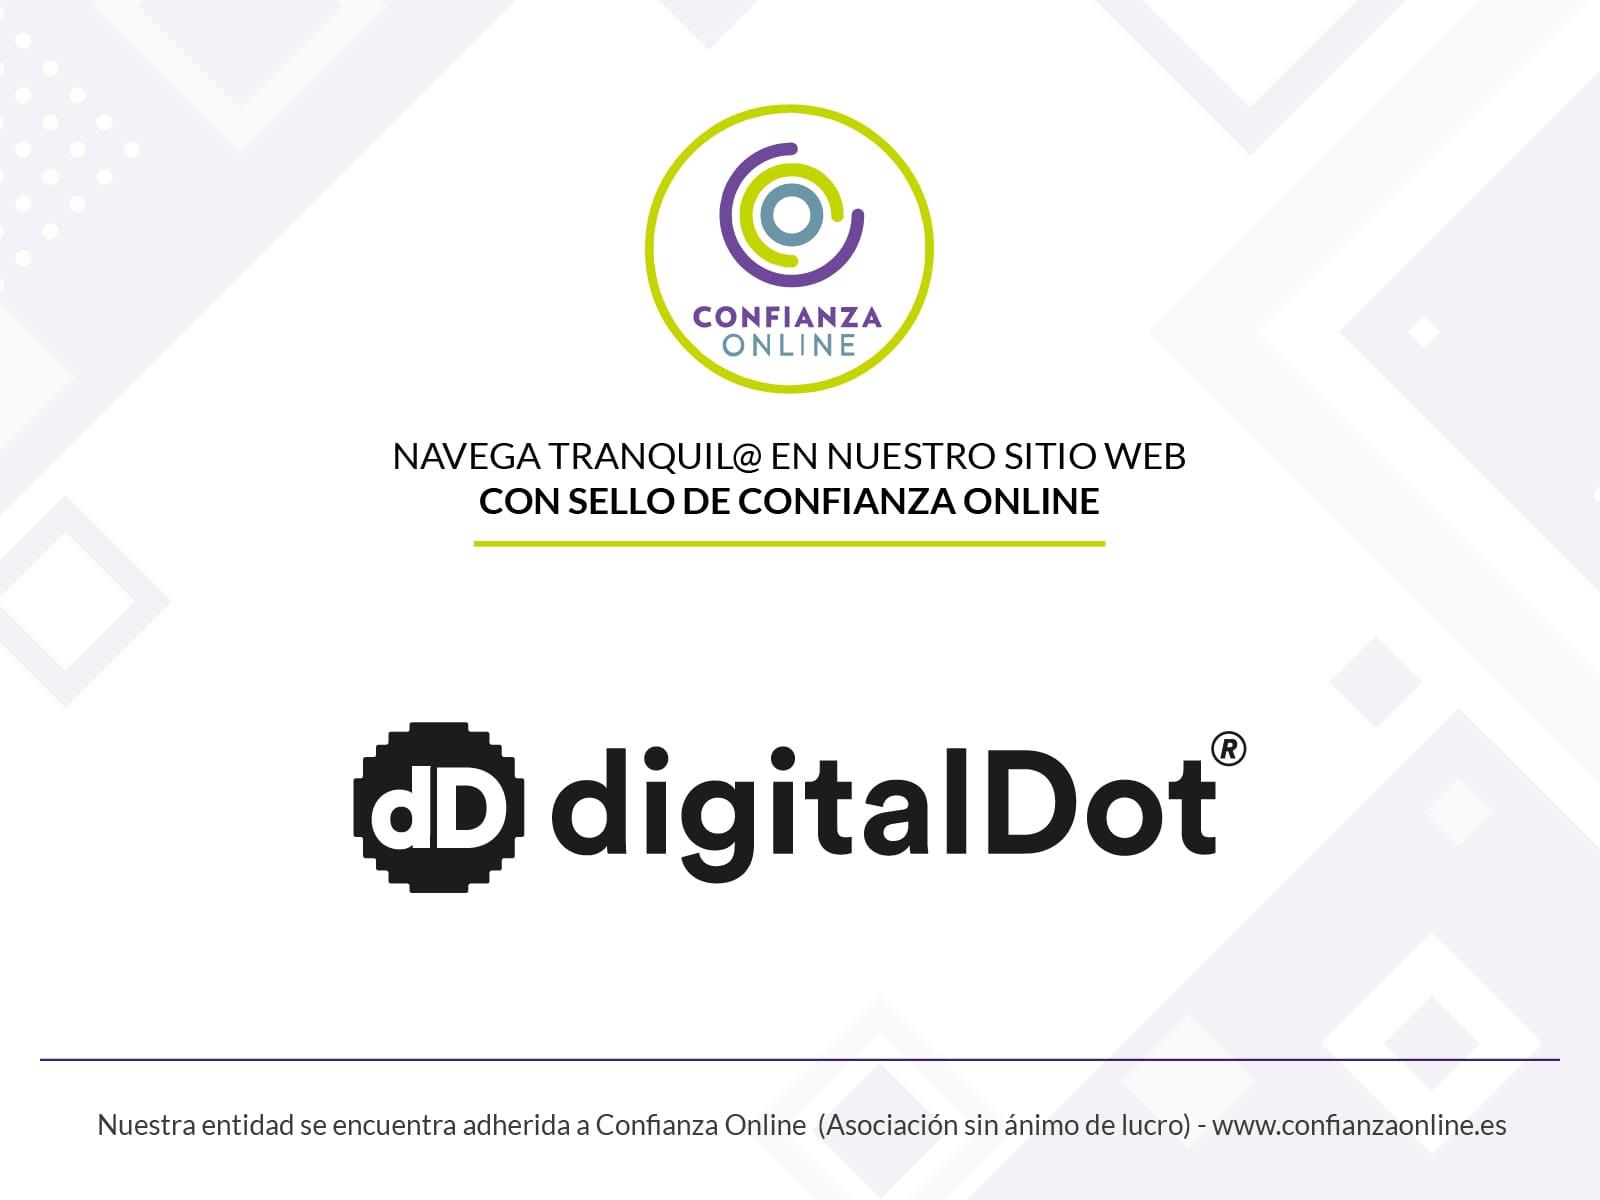 digitalDot certificada con el Sello de Confianza Online